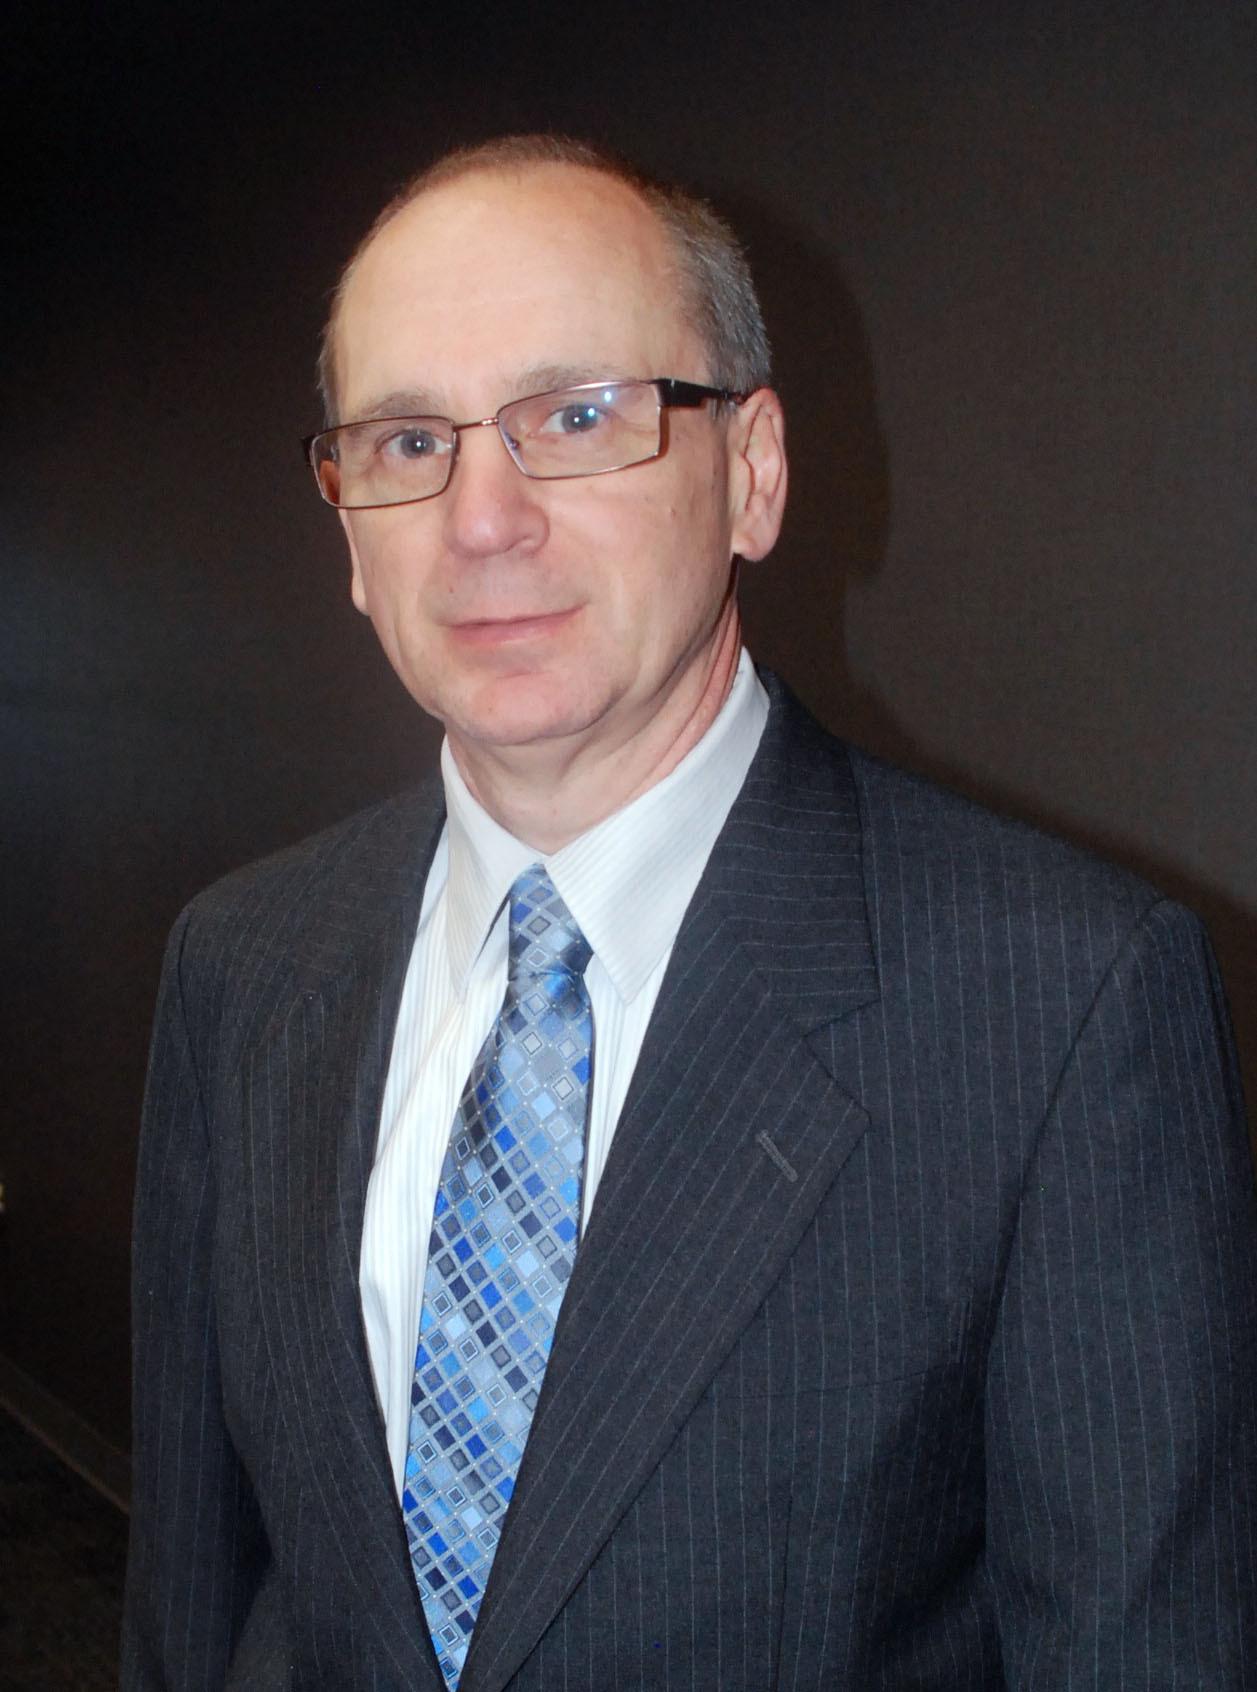 Glenn Miller is named Chief Financial Officer for Alcoa